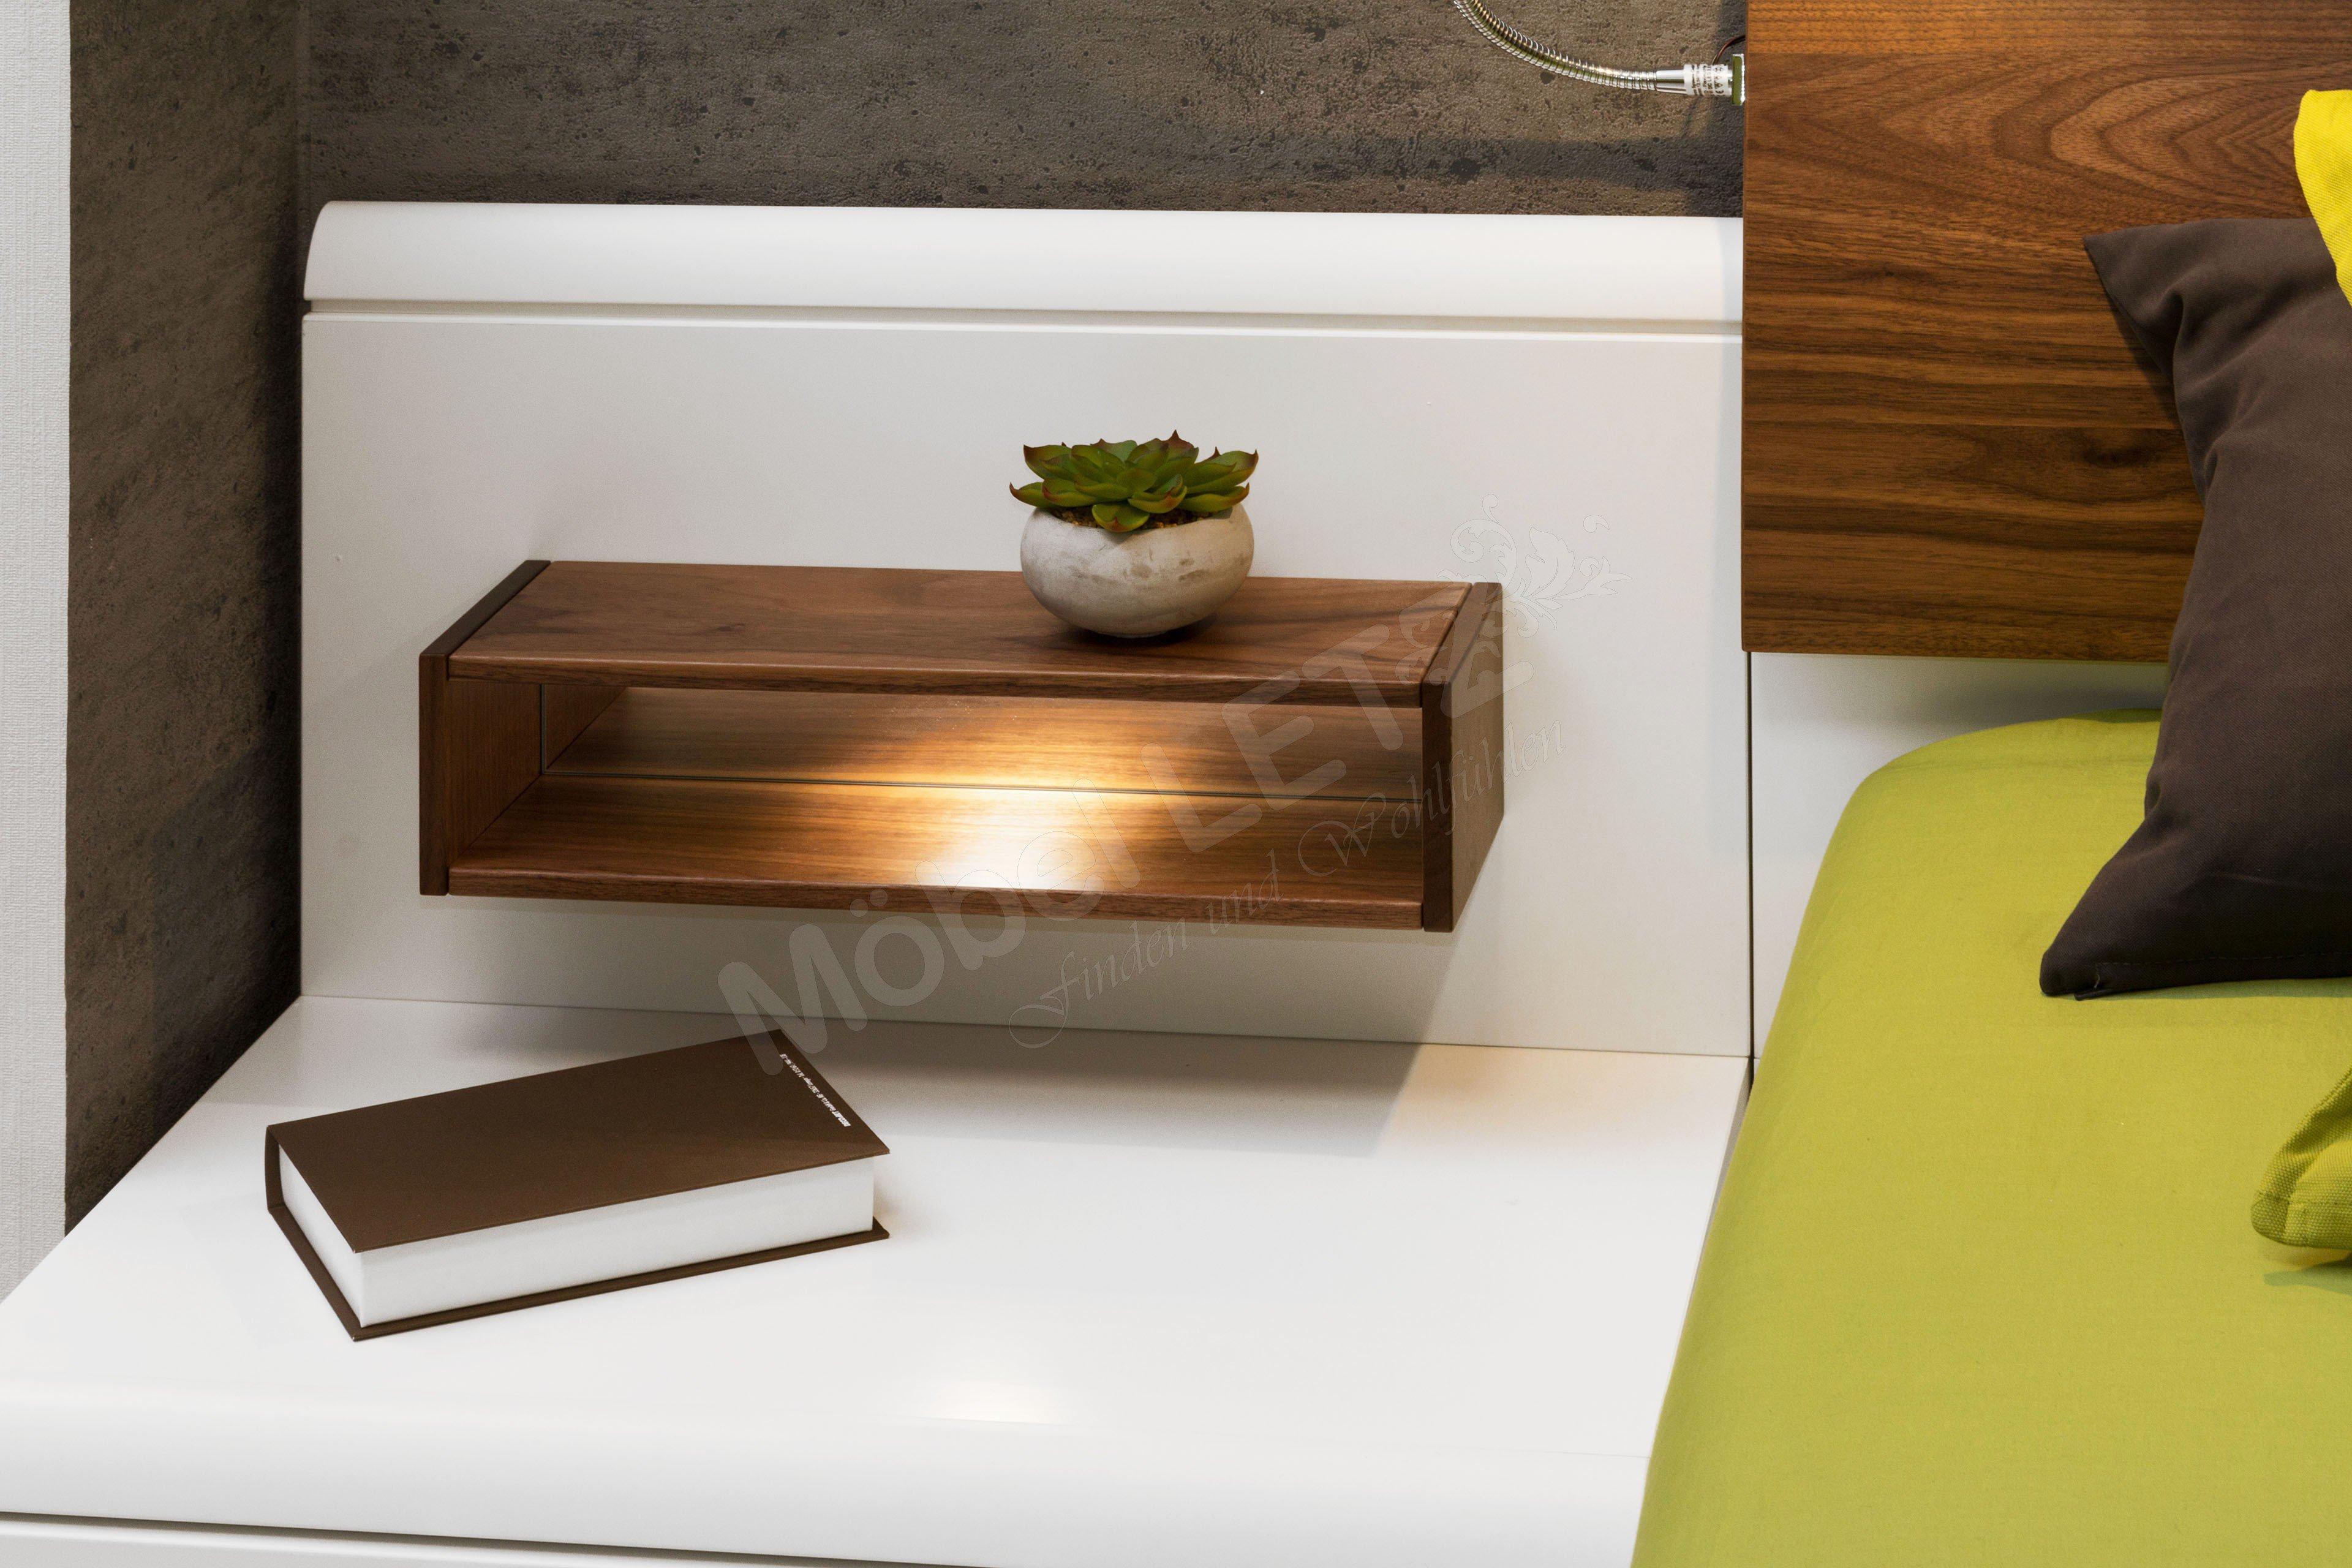 disselkamp schlafzimmer calida nussbaum wei m bel letz ihr online shop. Black Bedroom Furniture Sets. Home Design Ideas